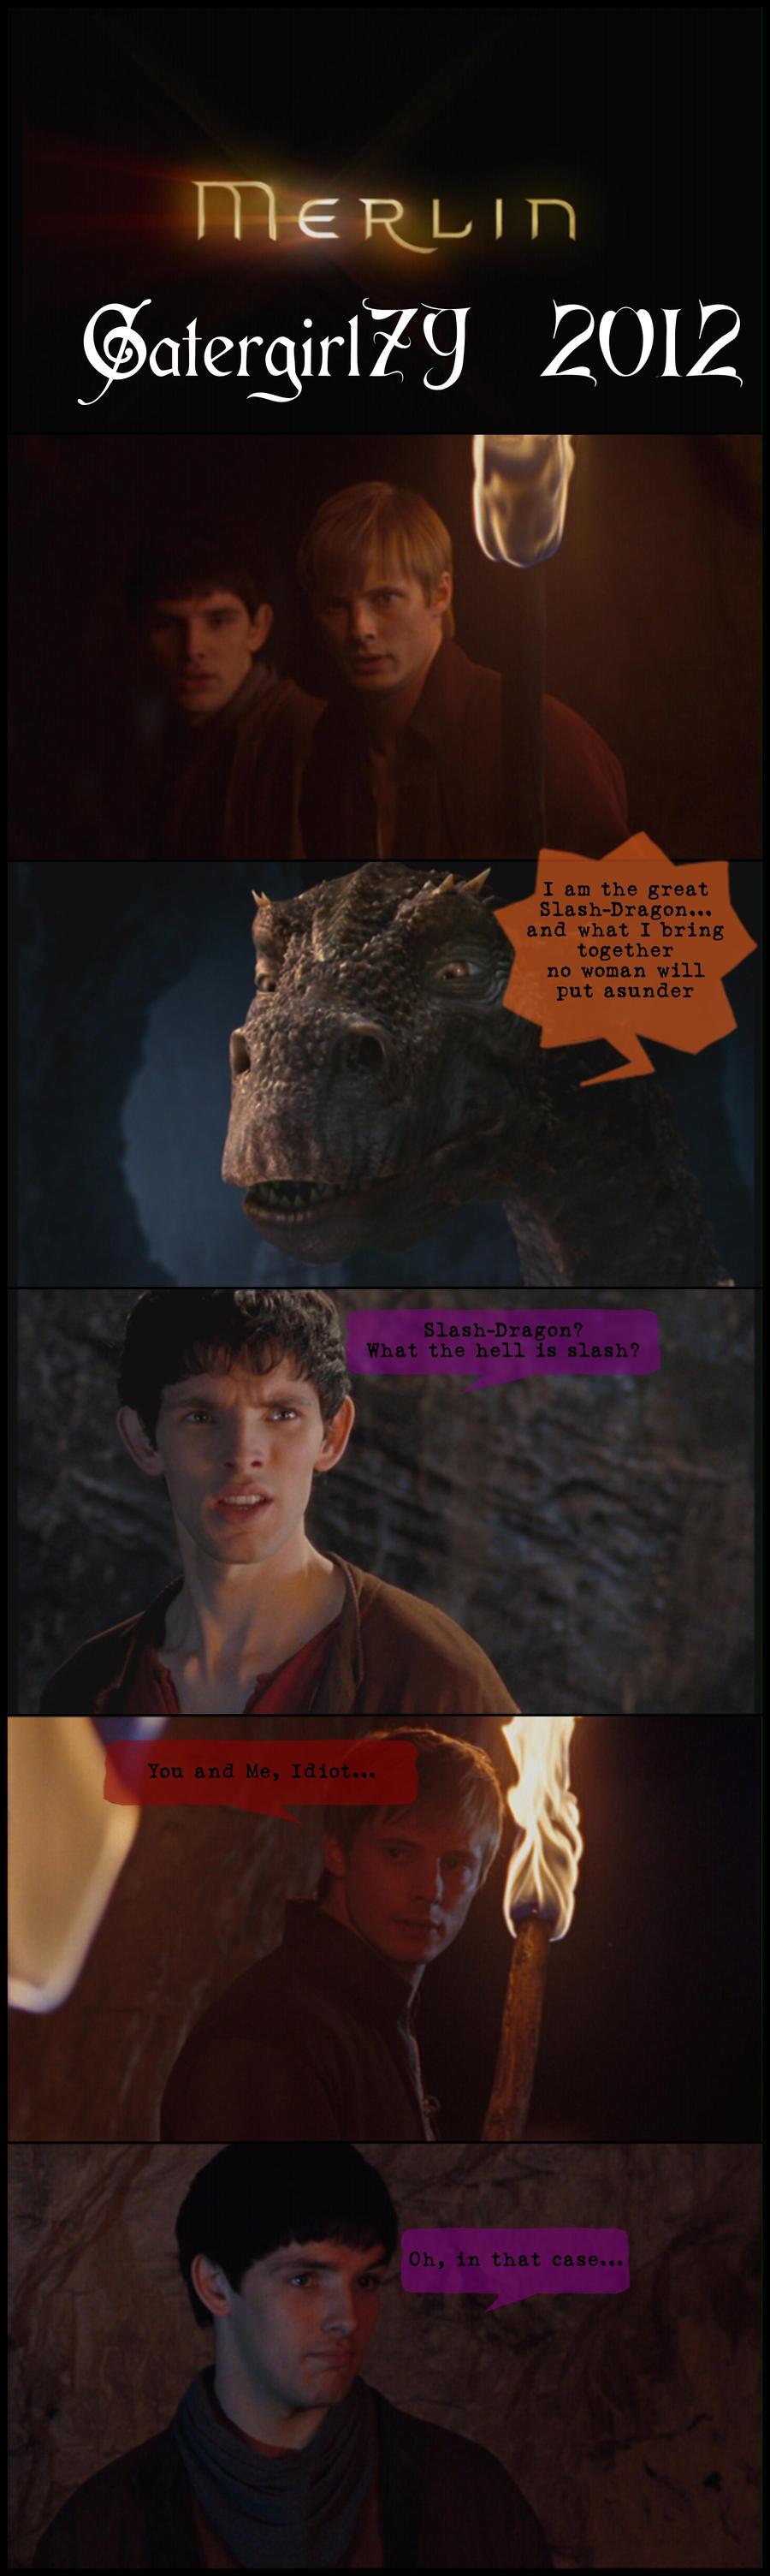 Слэш дракон и человек 8 фотография